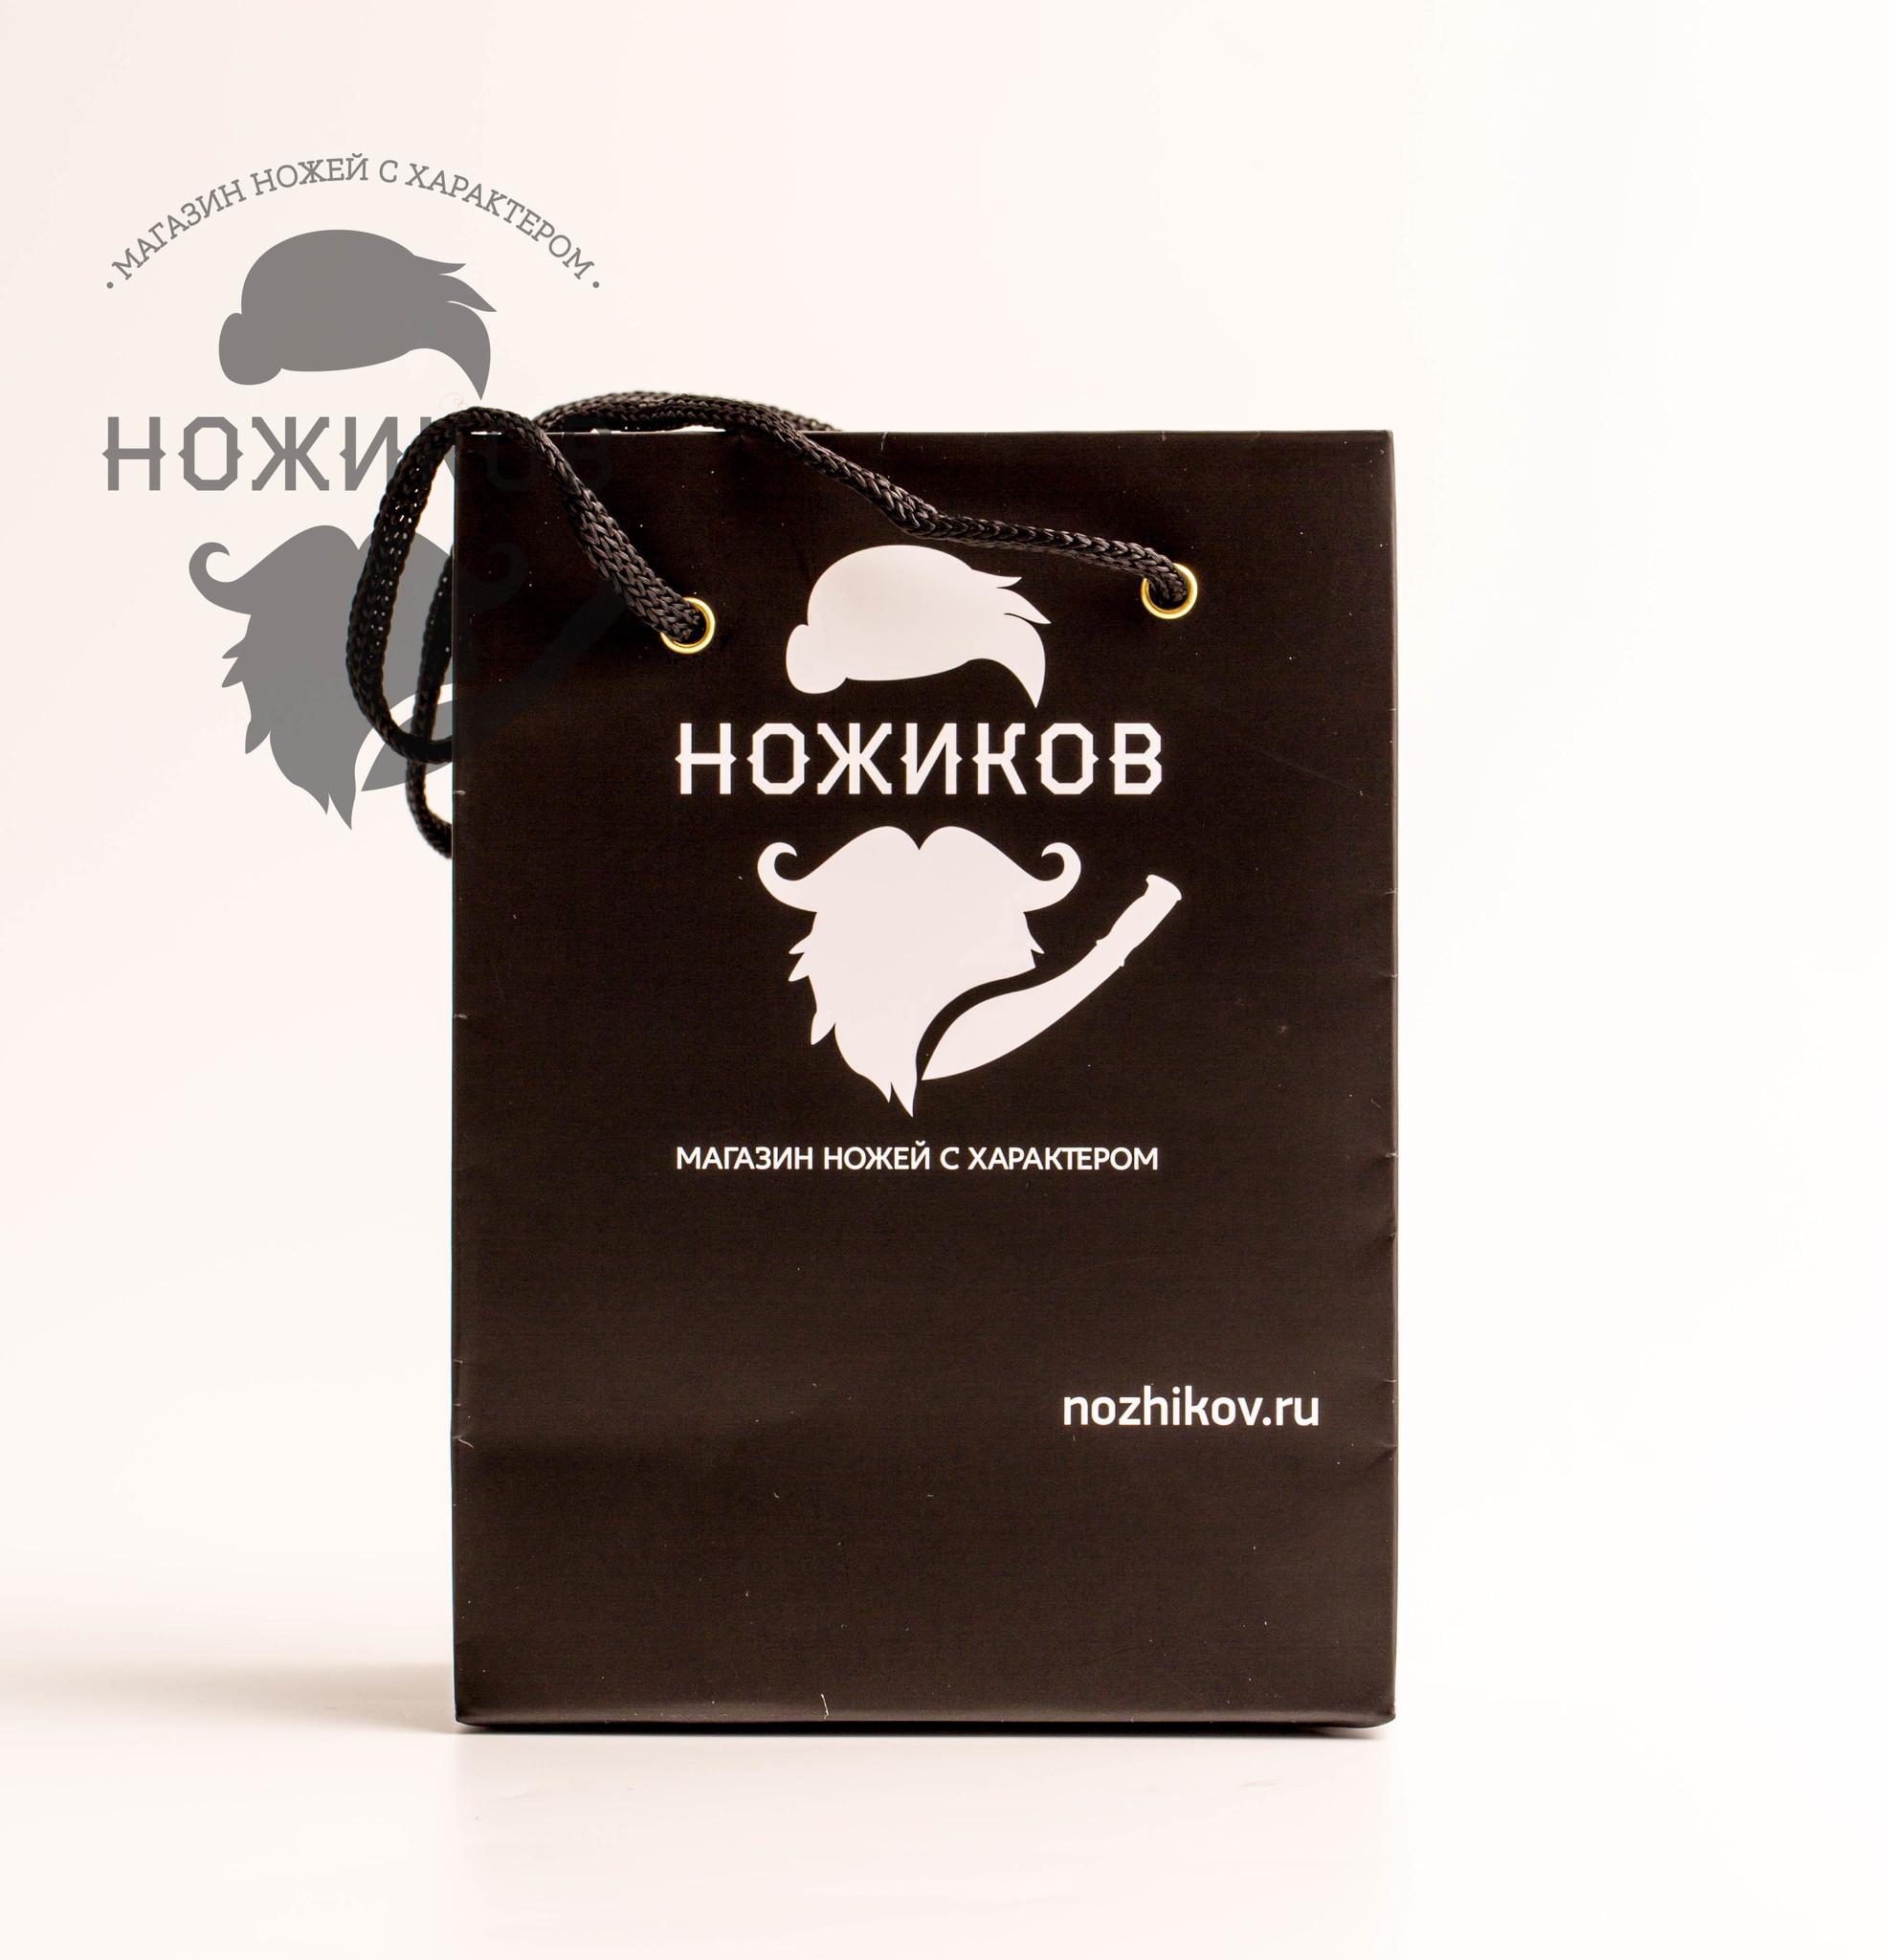 Фото 3 - Подарочный пакет для складного ножа от Nozhikov